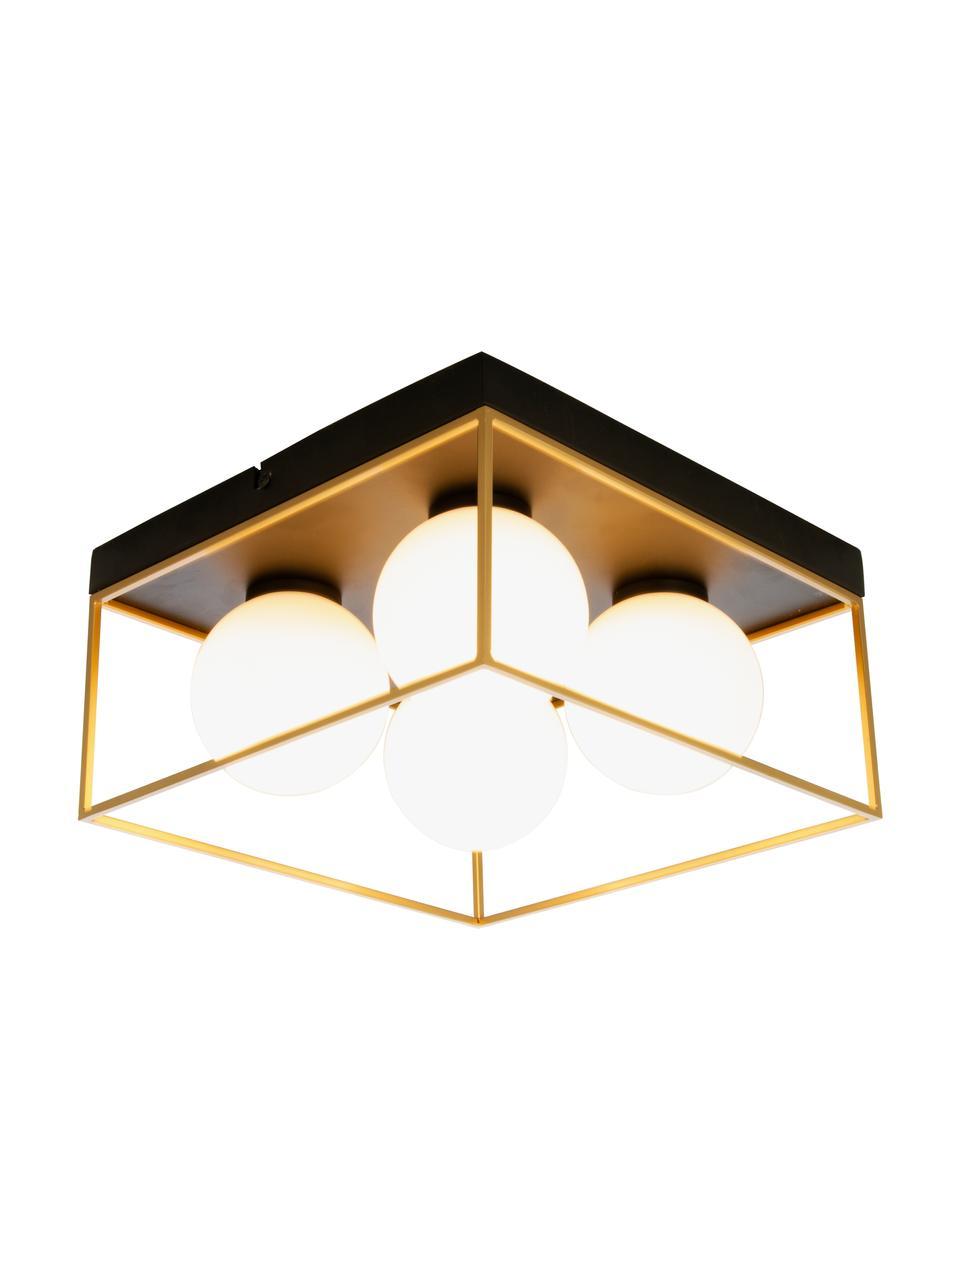 Moderne Deckenleuchte Astro aus Opalglas, Lampenschirm: Opalglas, Baldachin: Metall, beschichtet, Goldfarben, Schwarz, Weiß, 28 x 15 cm